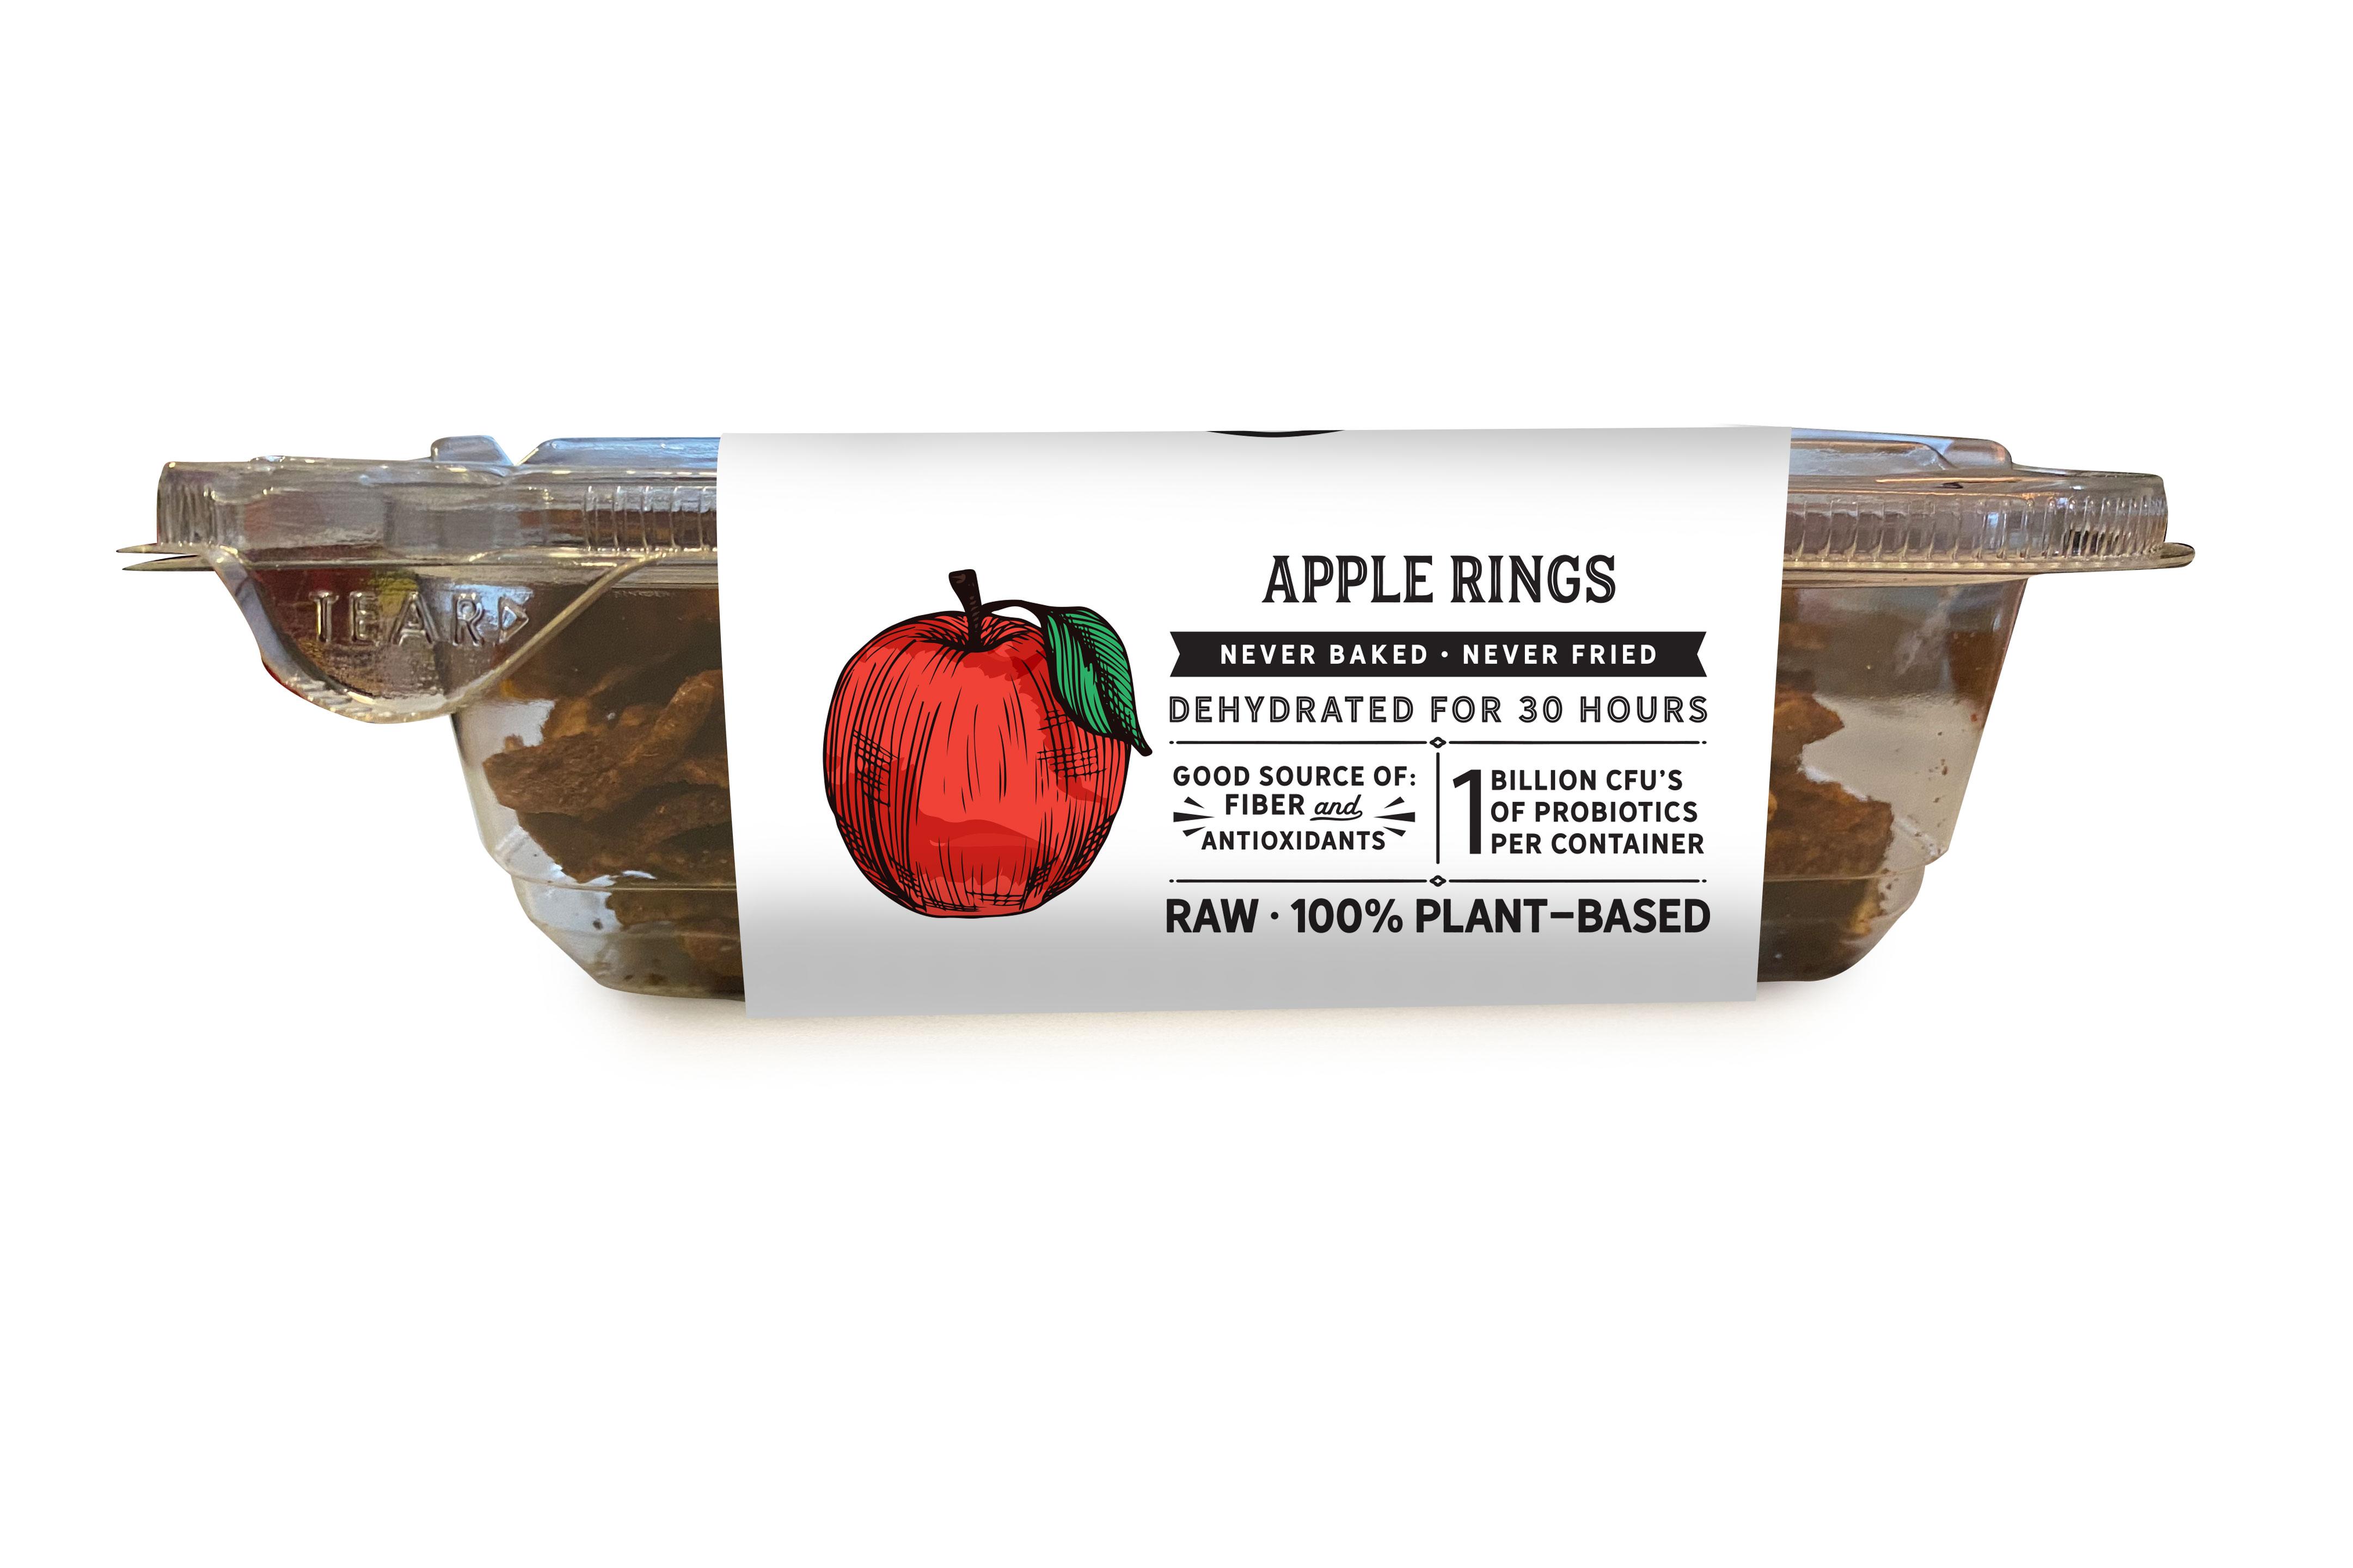 apple-rings-side1.jpg